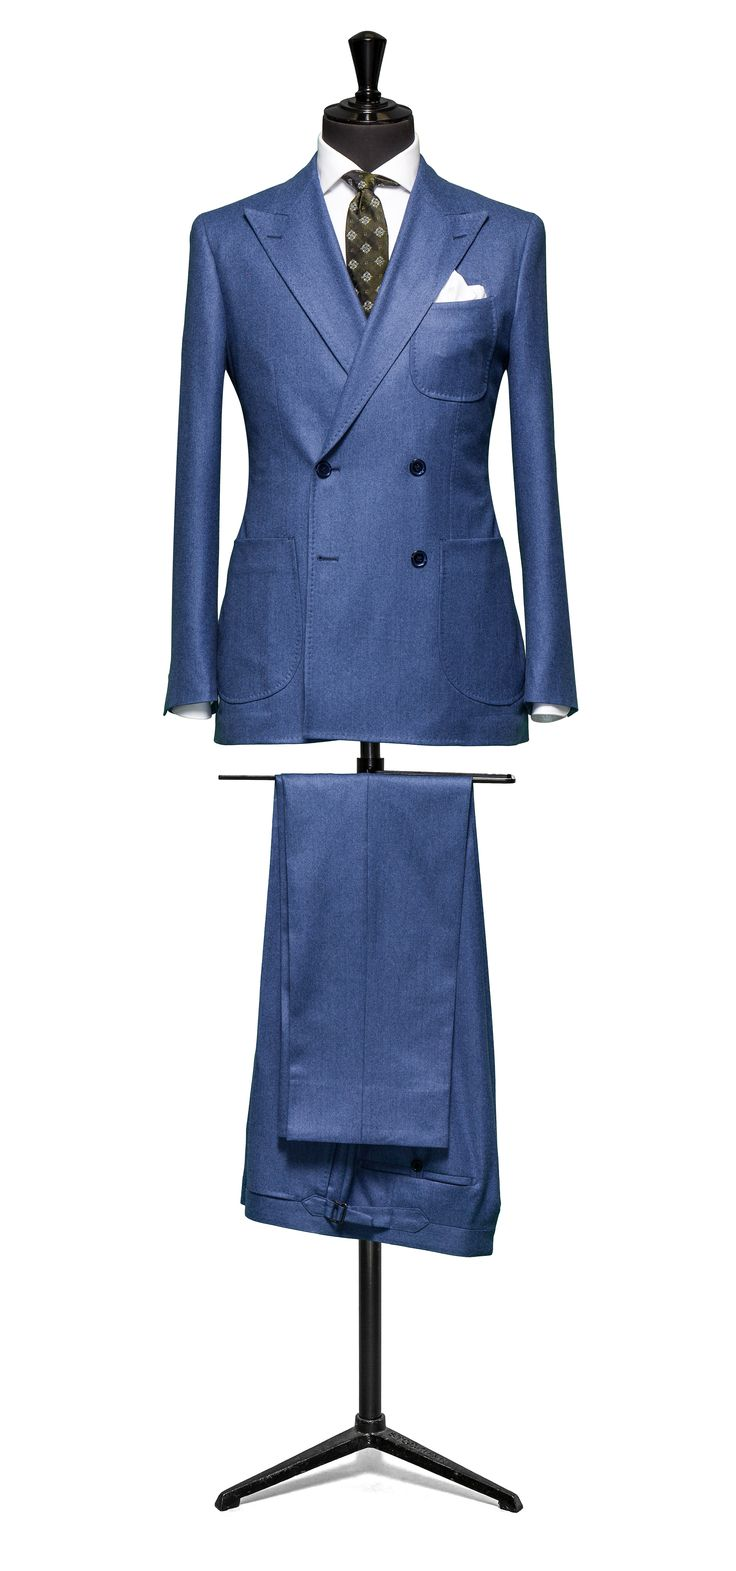 Slate suit Blue plain flannel S120 http://www.tailormadelondon.com/shop/tailored-suit-fabric-4323-plain-blue/